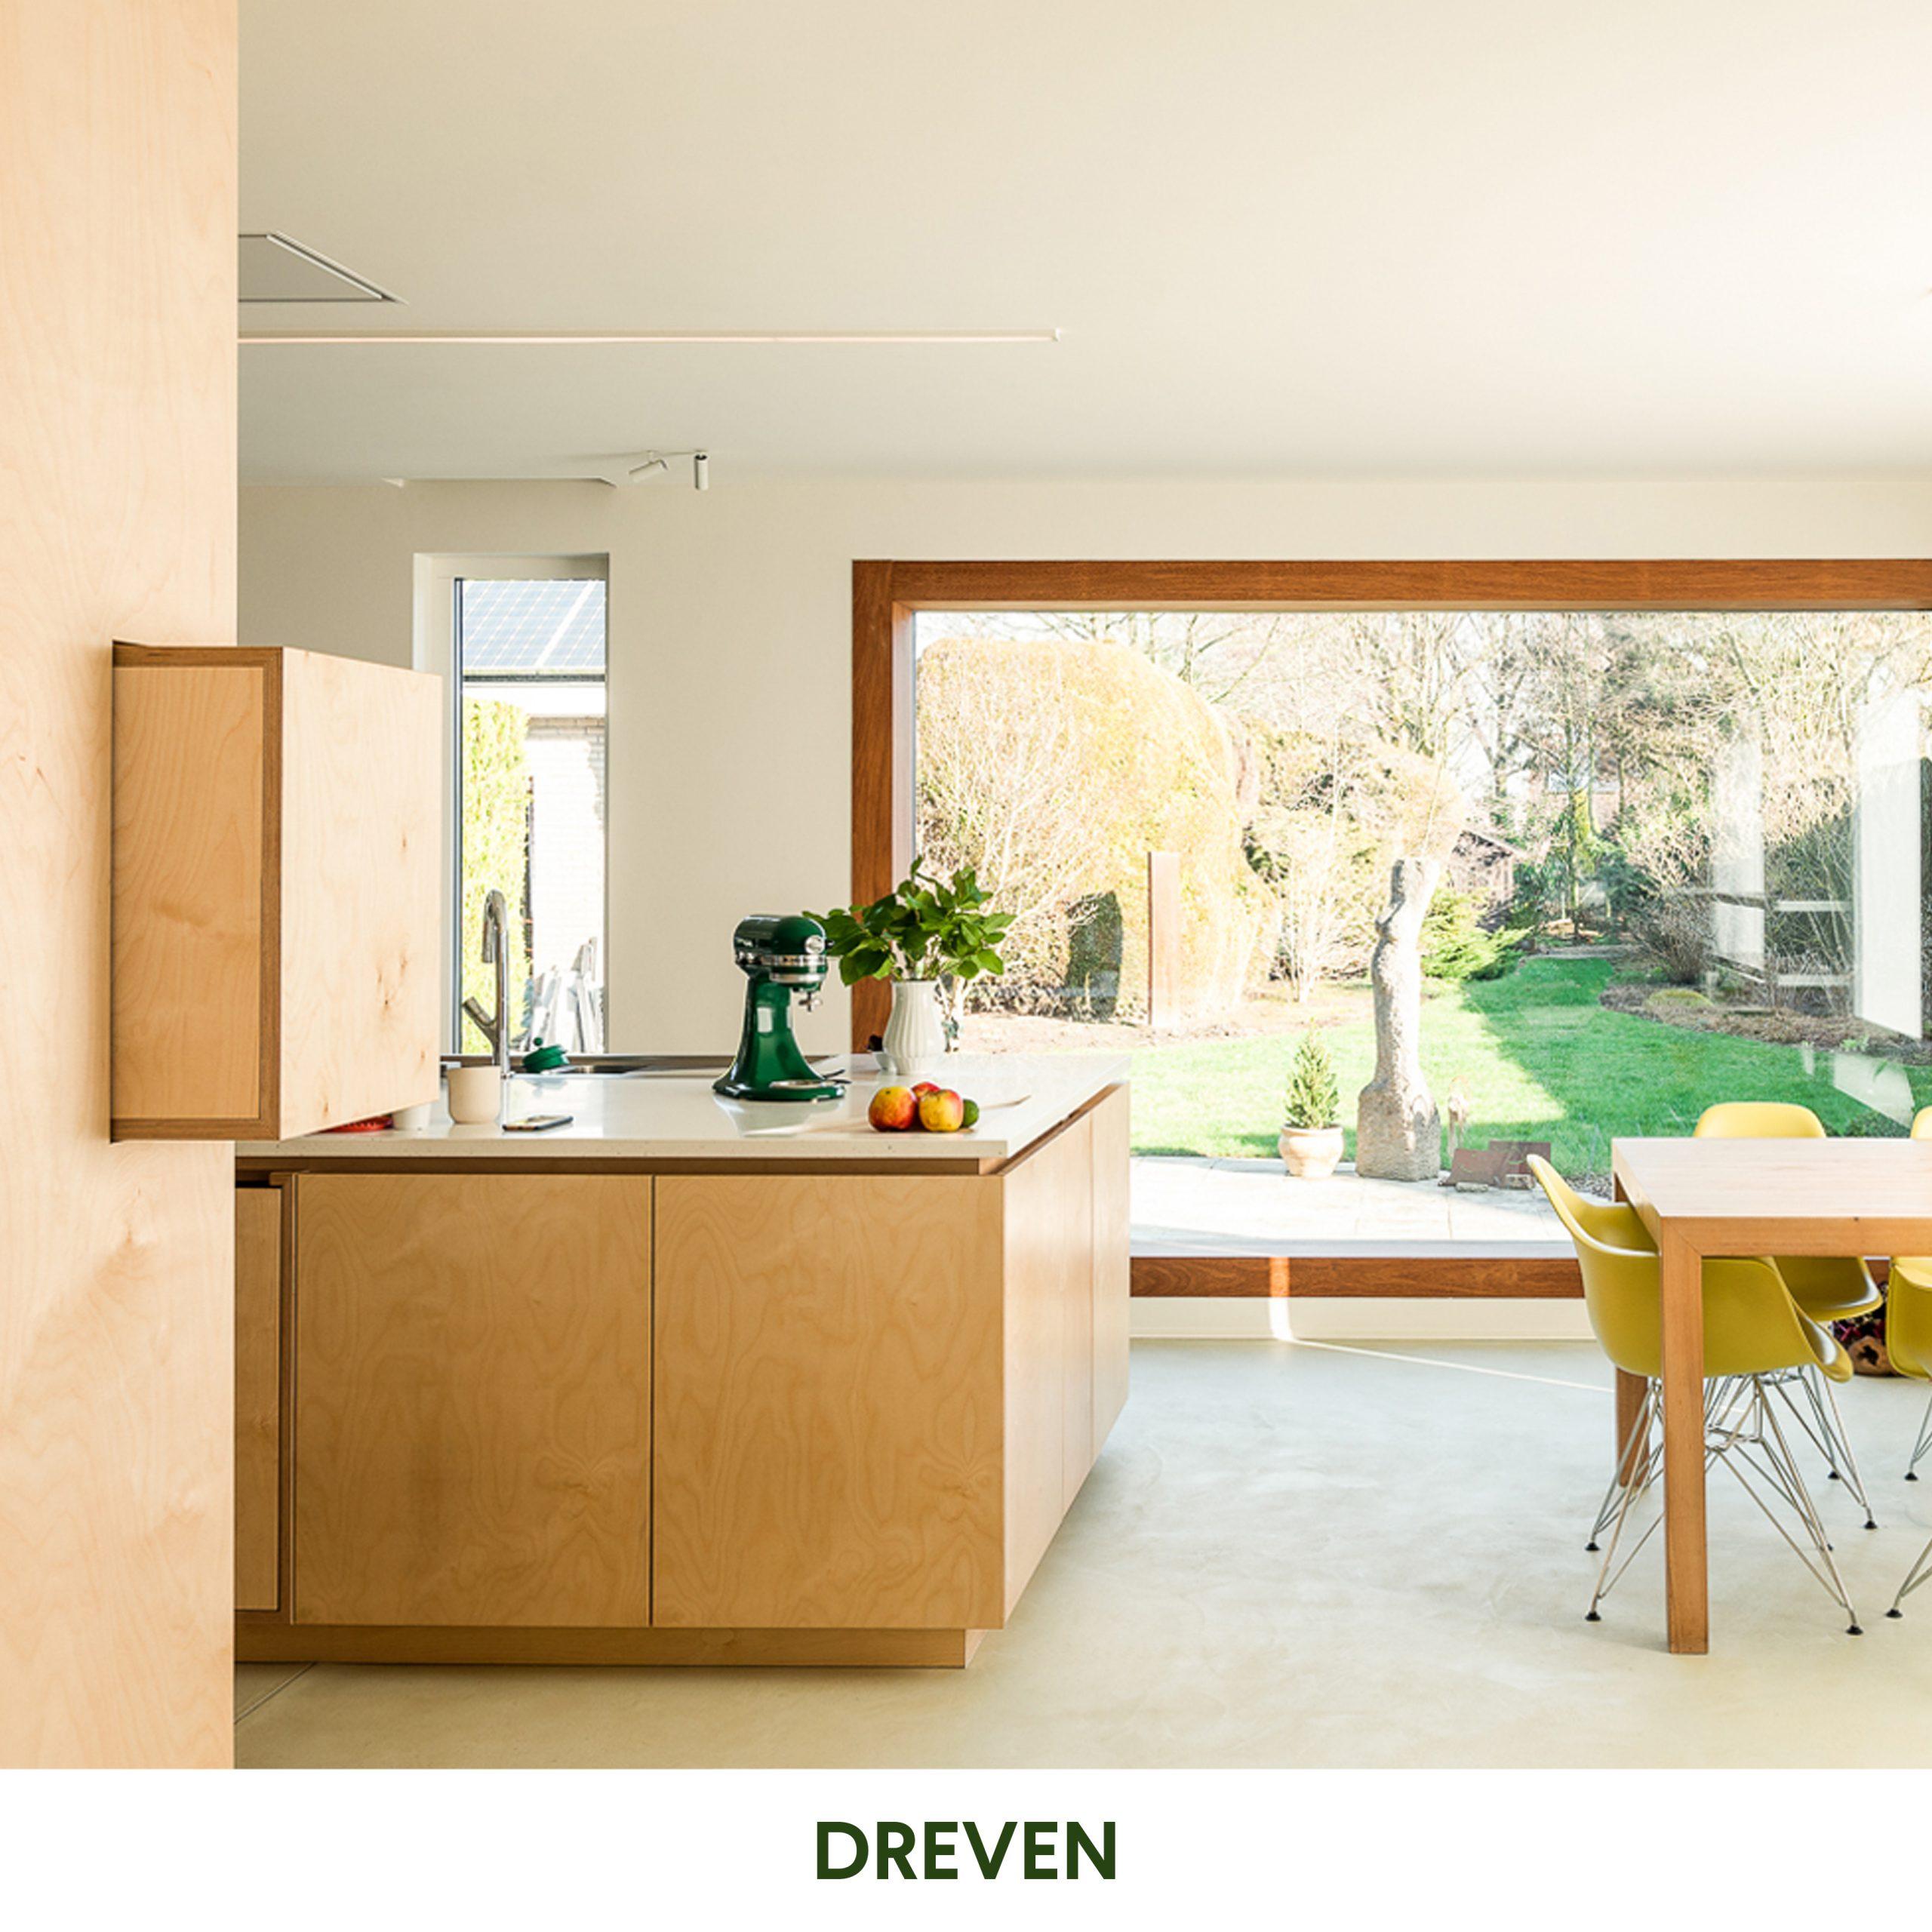 studio HAAN_DREVEN